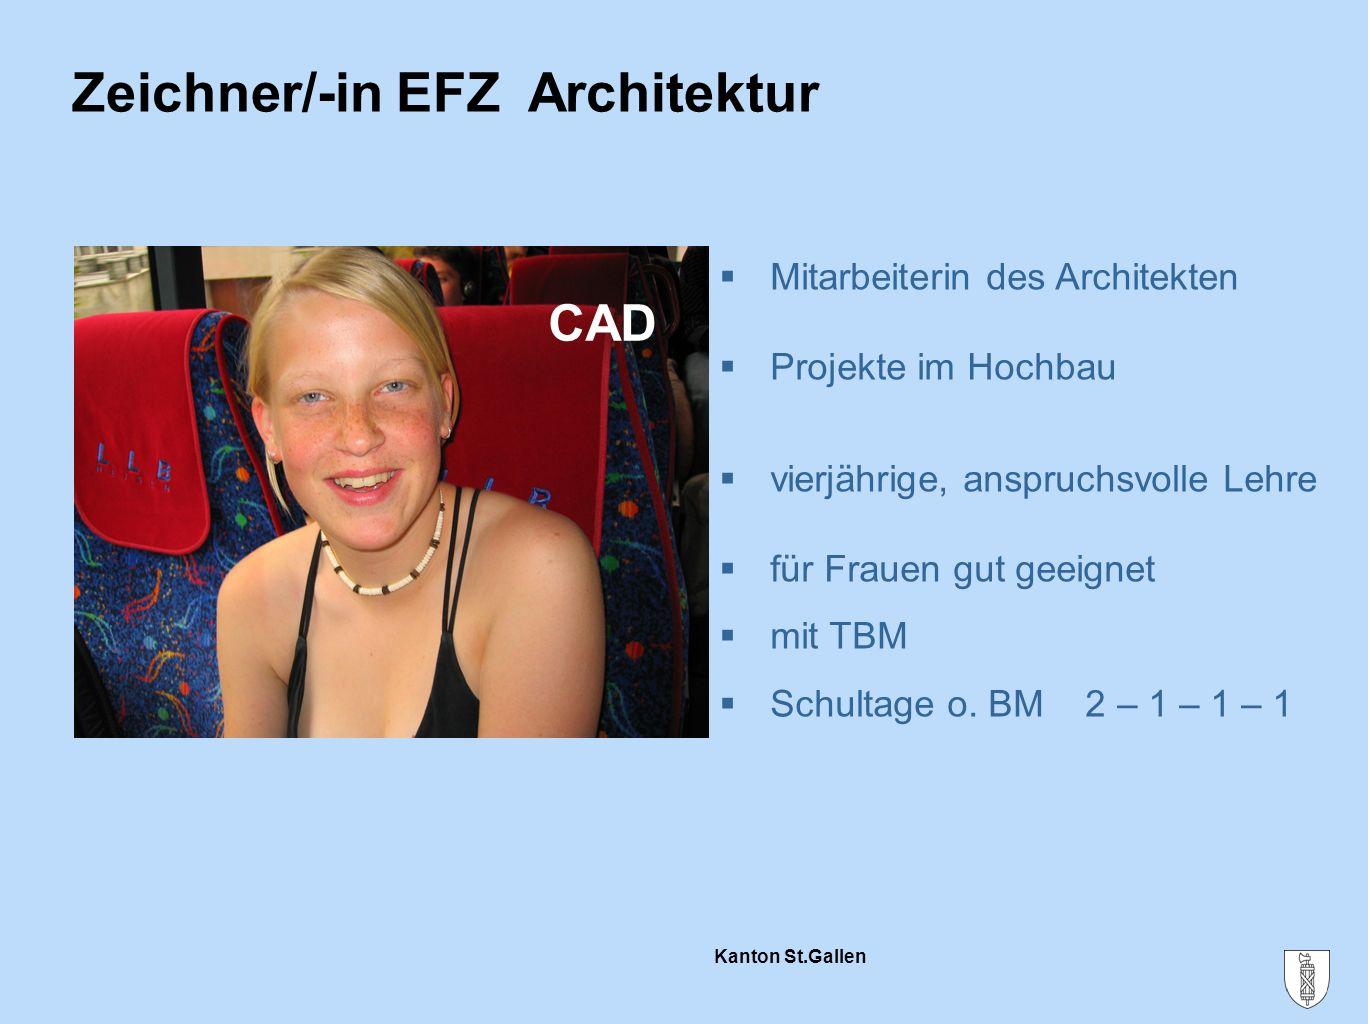 Zeichner/-in EFZ Architektur